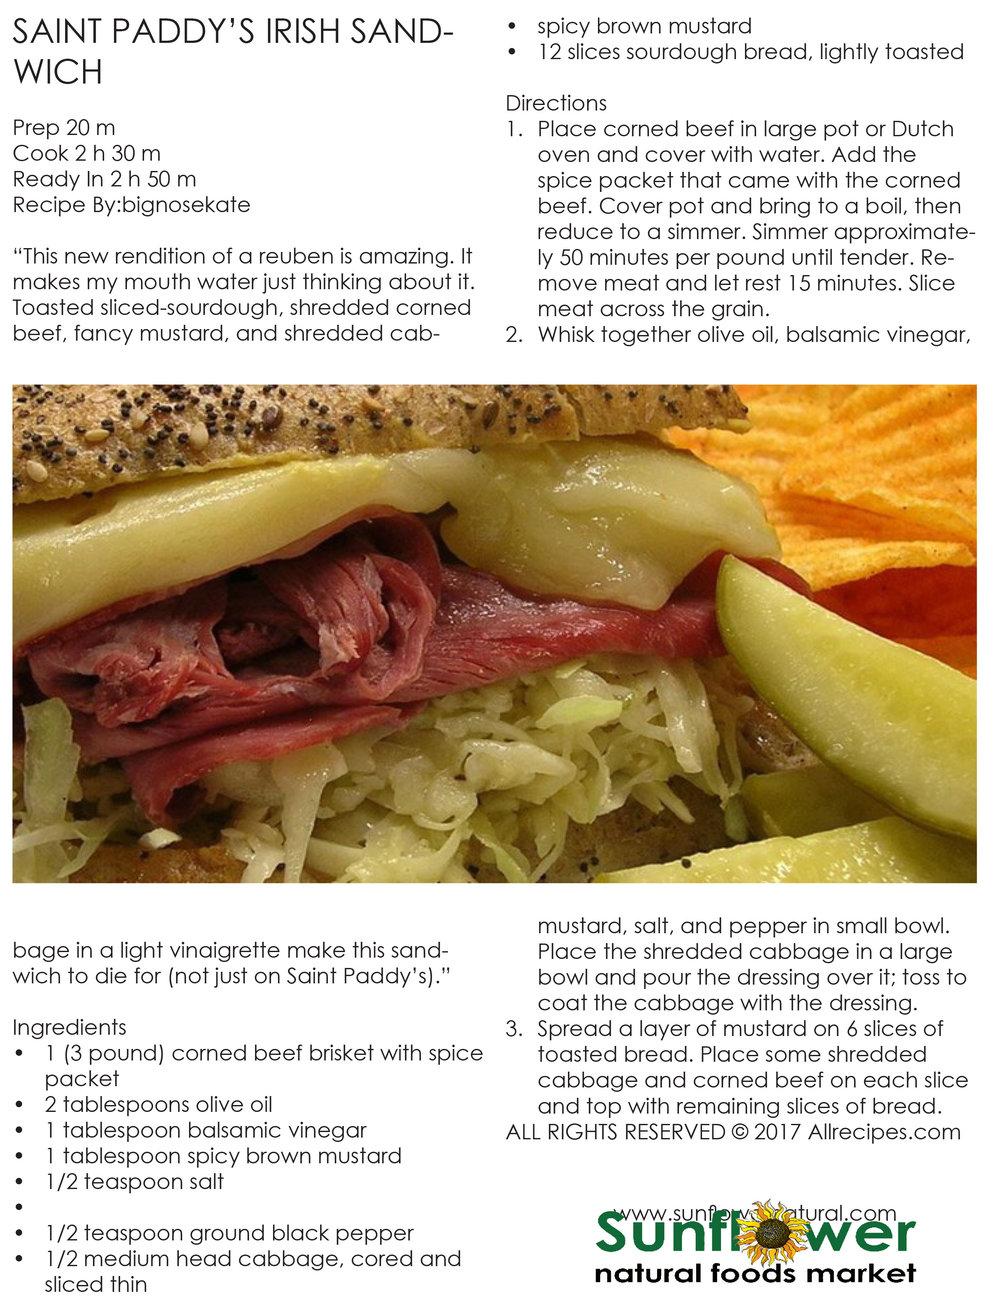 St. Patty's Day Irish Sandwich